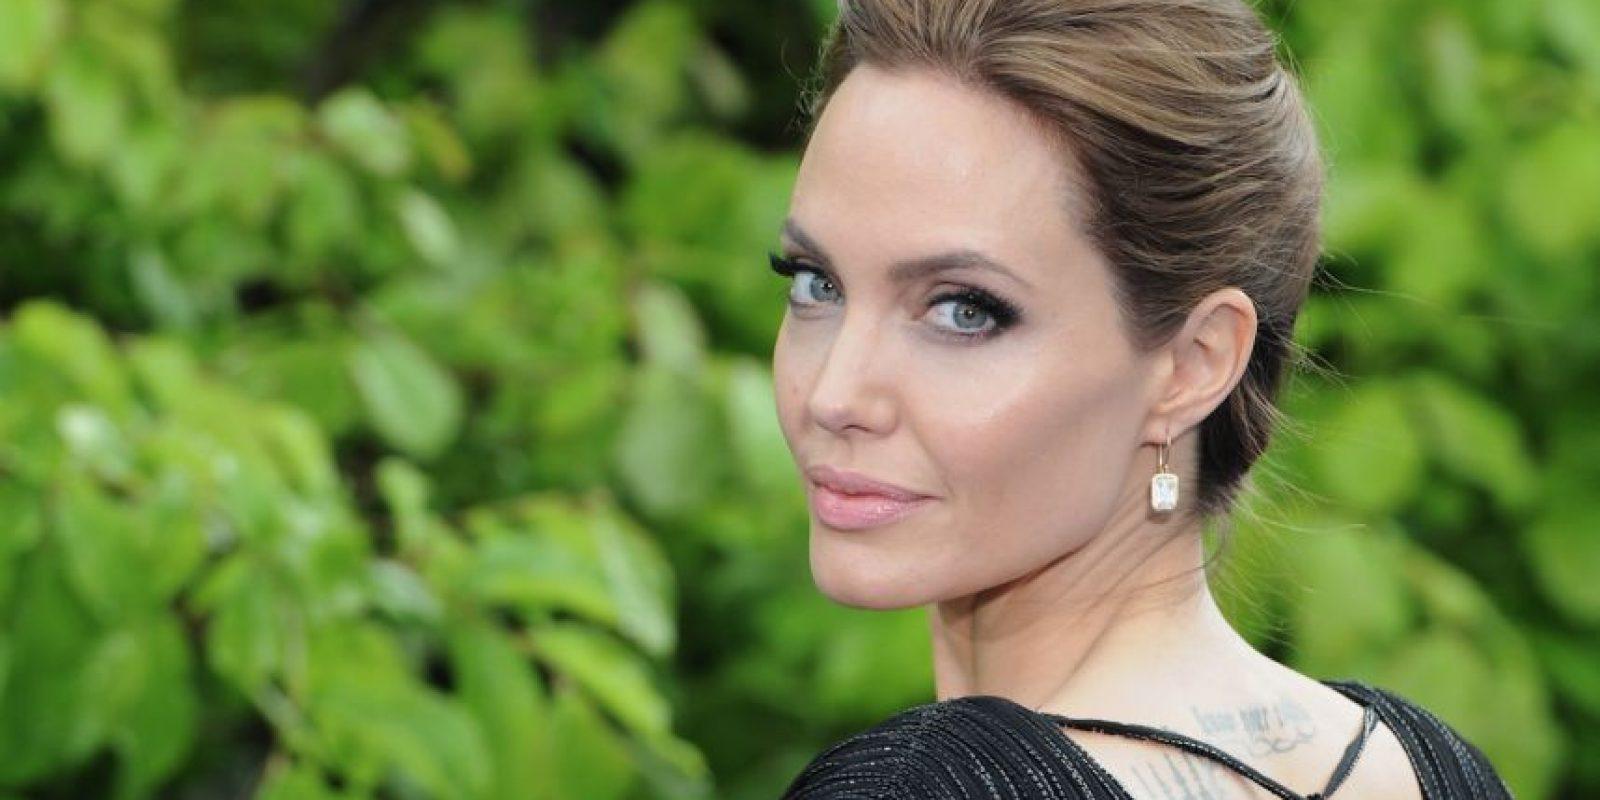 """Después de ausentarse del cine, la actriz regresó con """"Maleficent"""", considerada como una de las películas más exitosas de taquilla al reunir más de 600 millones de dólares en todo el mundo. Foto:Getty Images"""